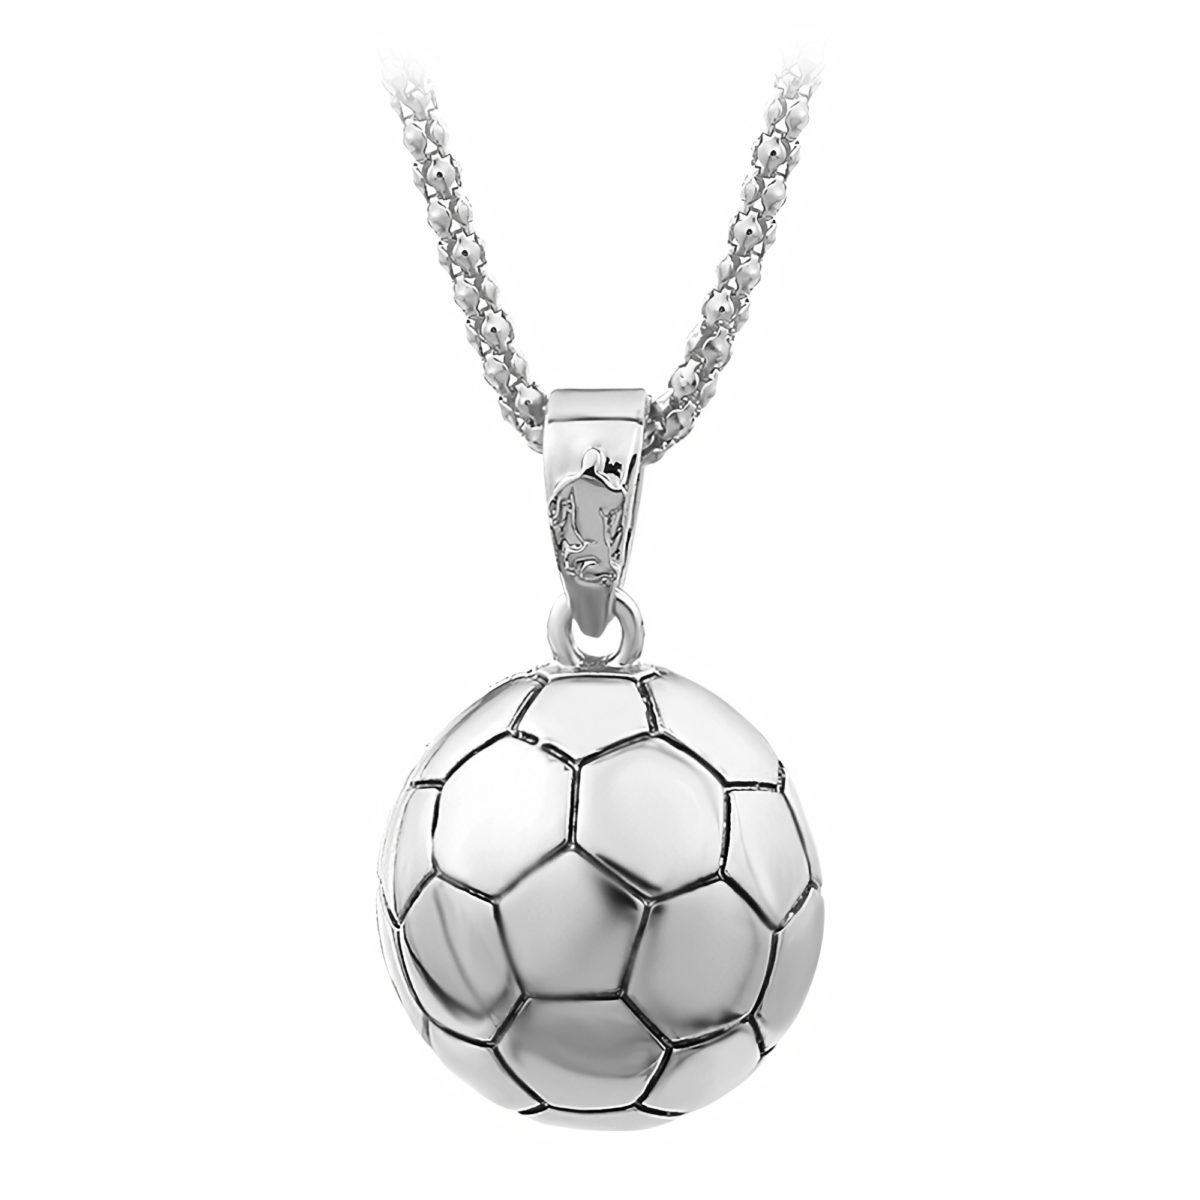 Кулон в виде футбольного мяча серебристого цвета